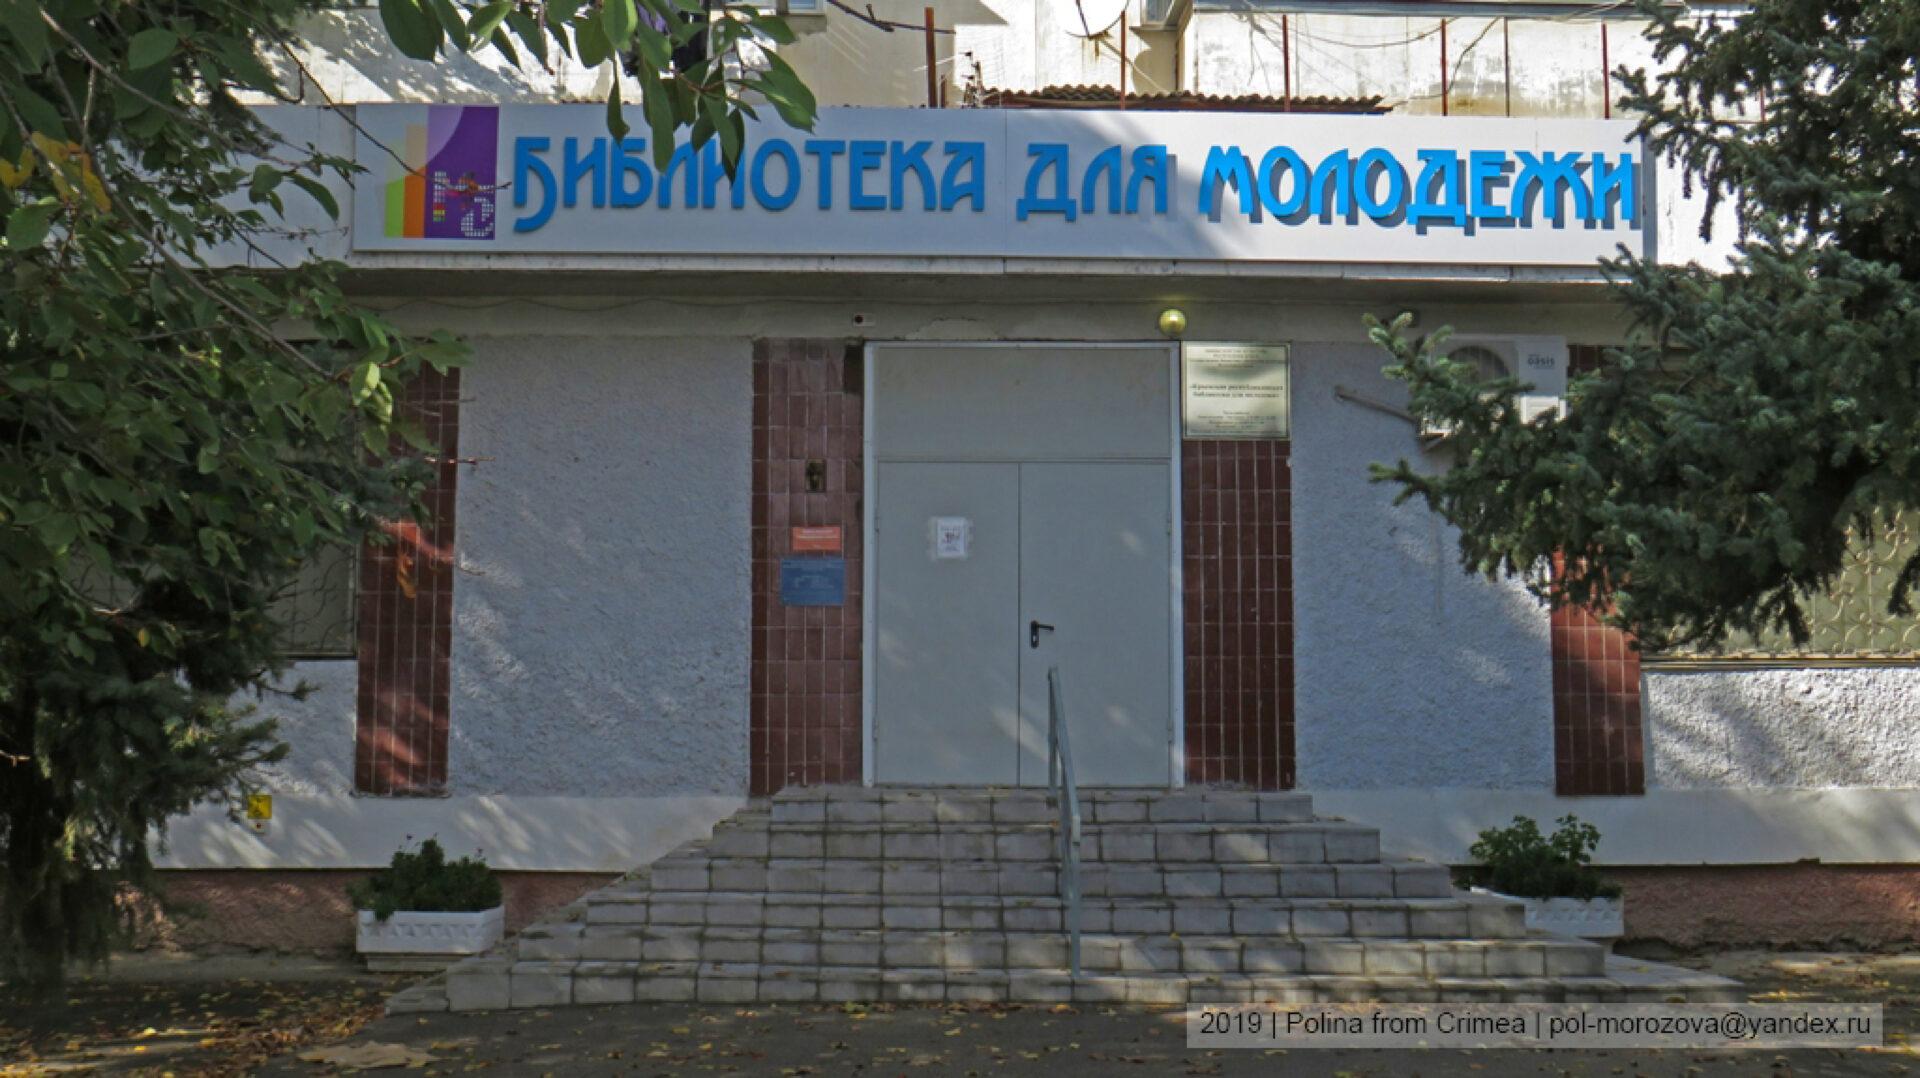 Симферополь. Прогулка пооктябрю